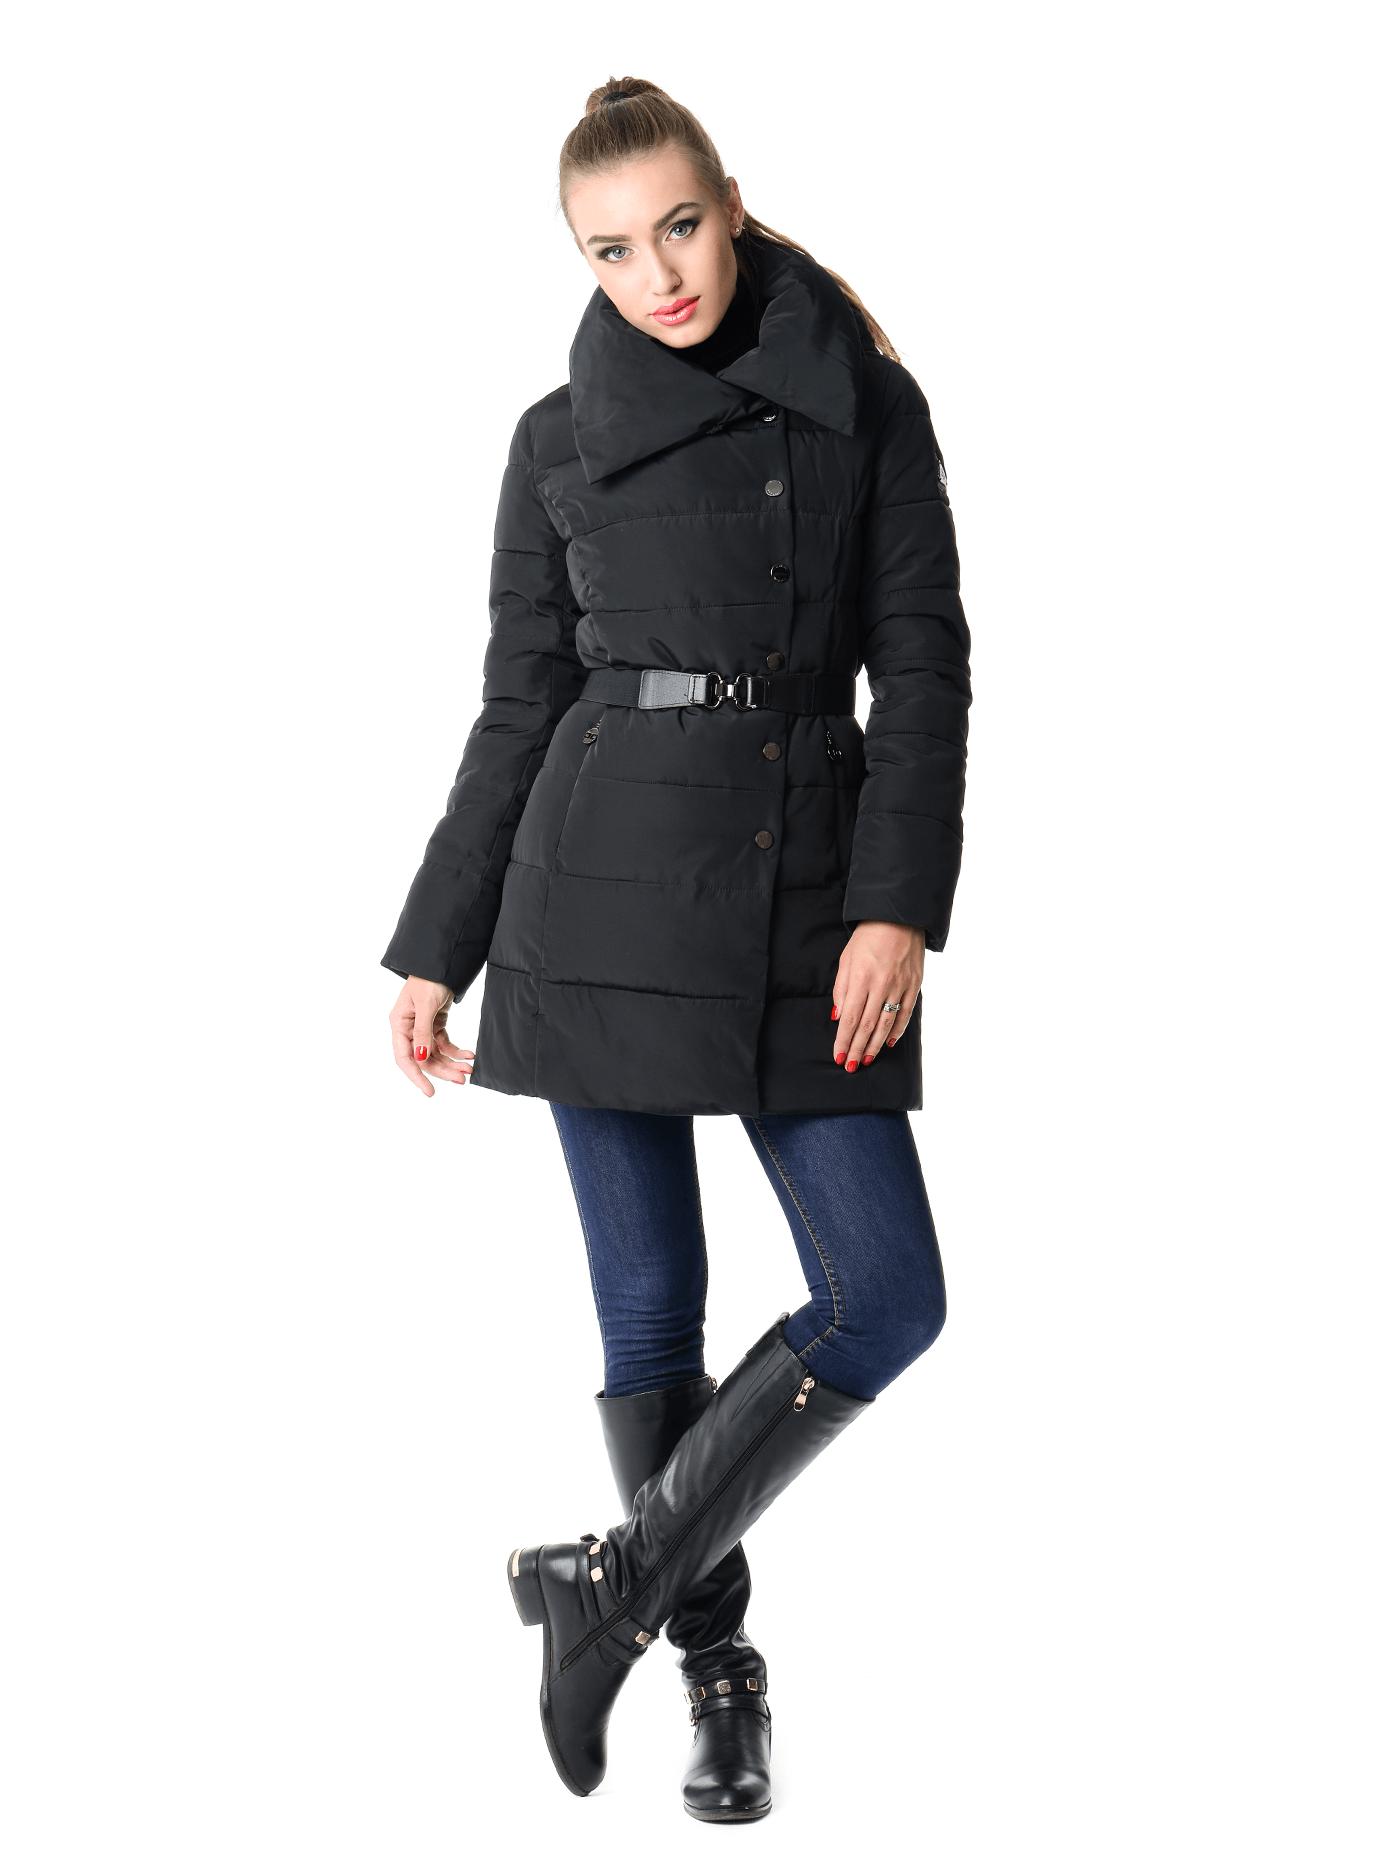 Куртка зимняя средней длины с поясом Чёрный M (02-SO19029): фото - Alster.ua